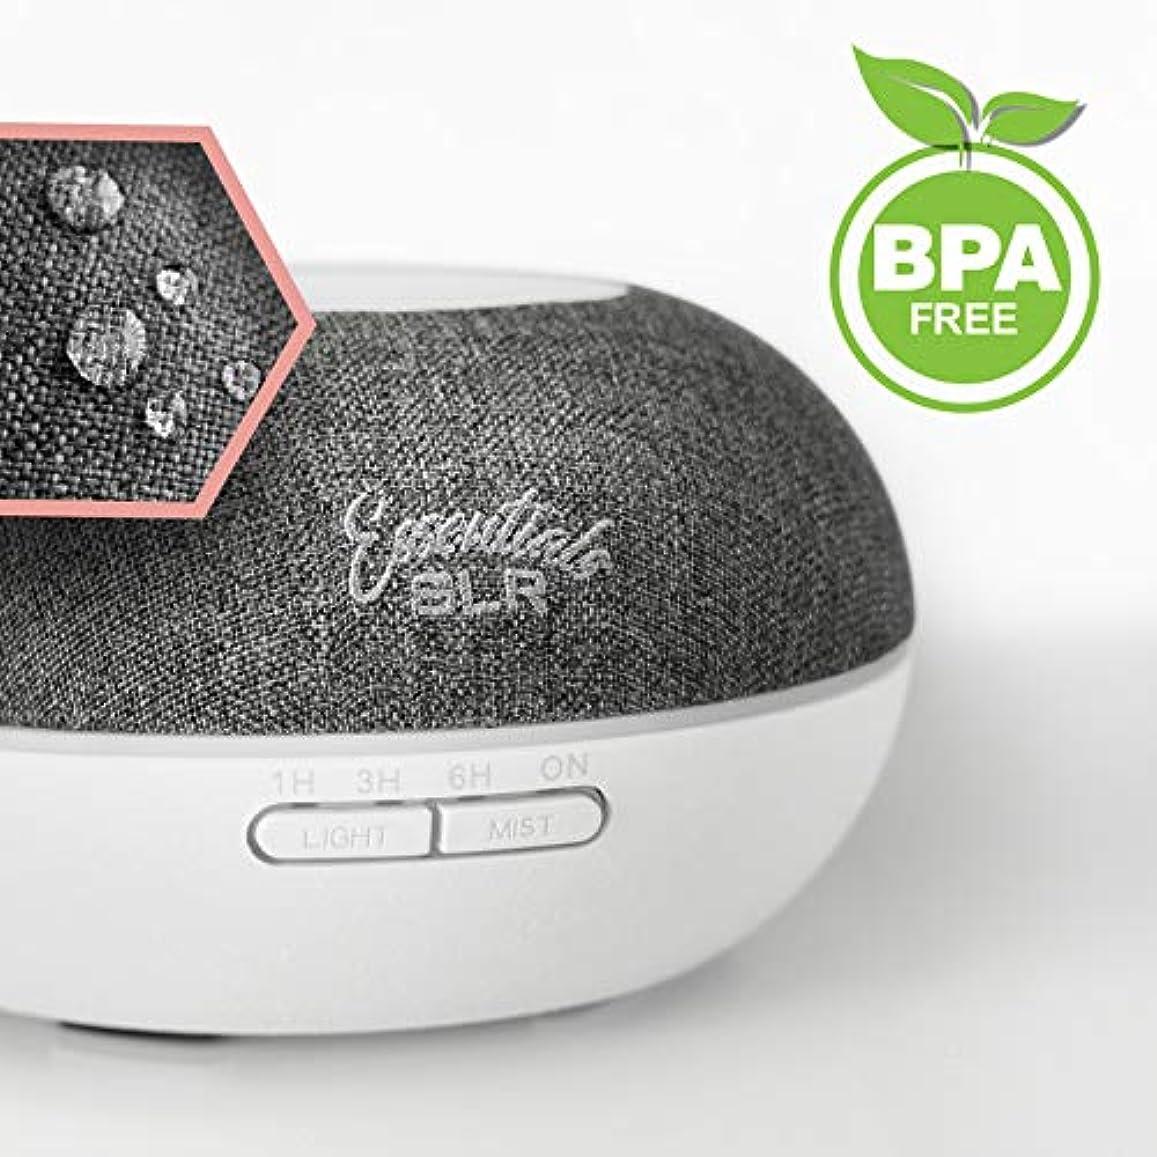 男やもめ口空中SLR 500 ml Aromatherapy Essential Oil Large Diffuser BPAフリー超音波空気加湿器withマルチカラー変更LED、自動遮断 500ml SLR:900-00055